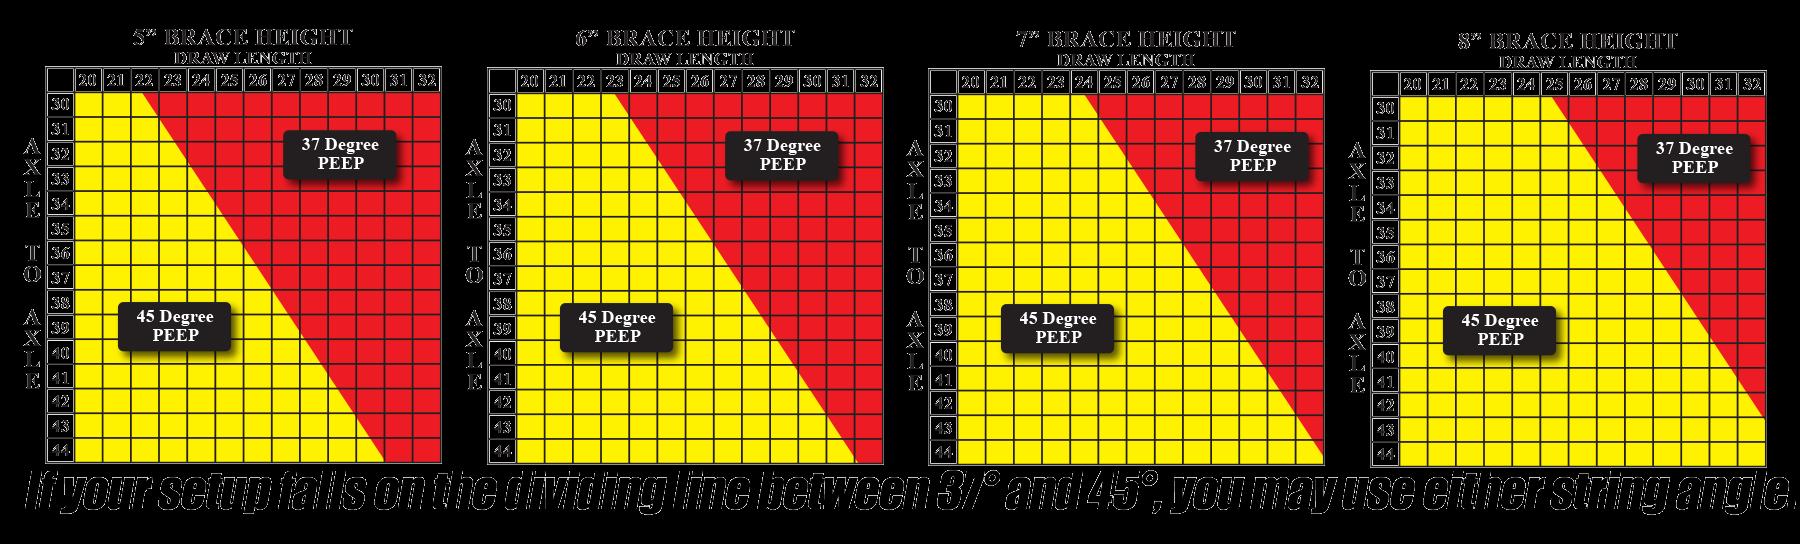 Peep Angle Chart